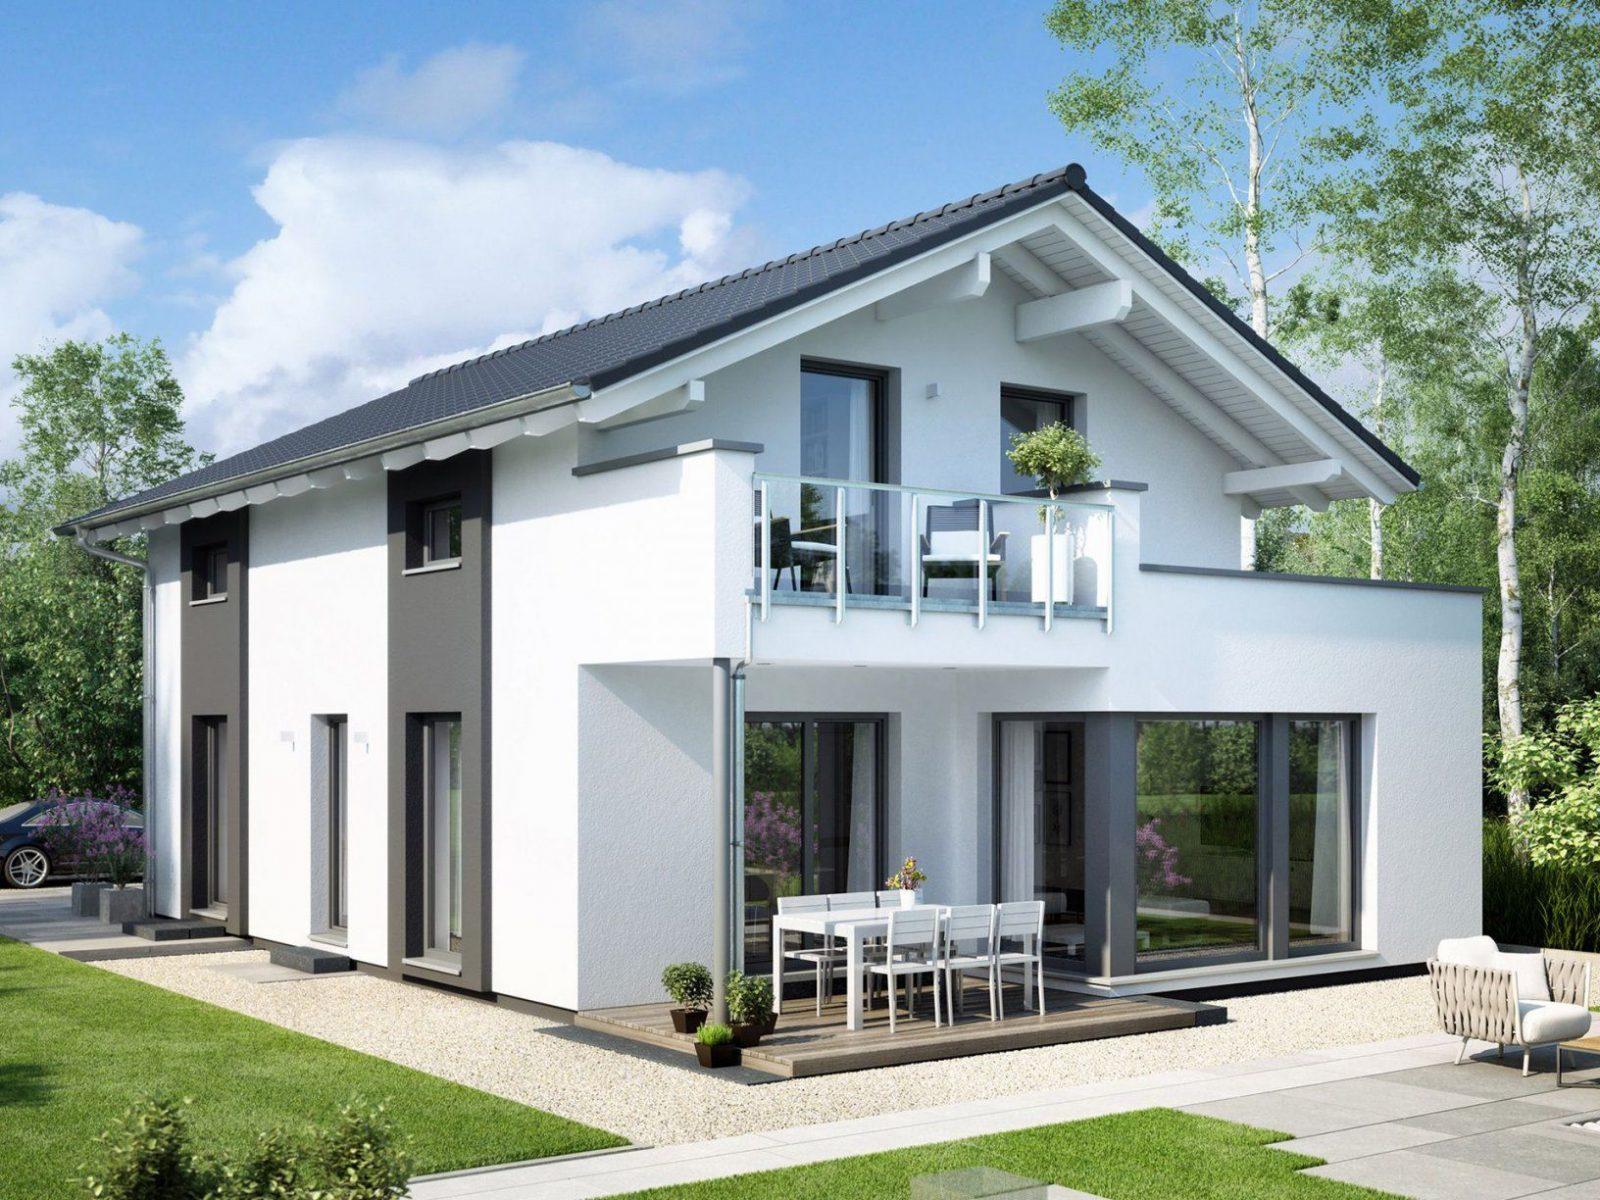 Edition 2 V3 • Einfamilienhaus Von Bienzenker • Schickes Fertighaus von Bien Zenker Evolution Stuttgart Photo